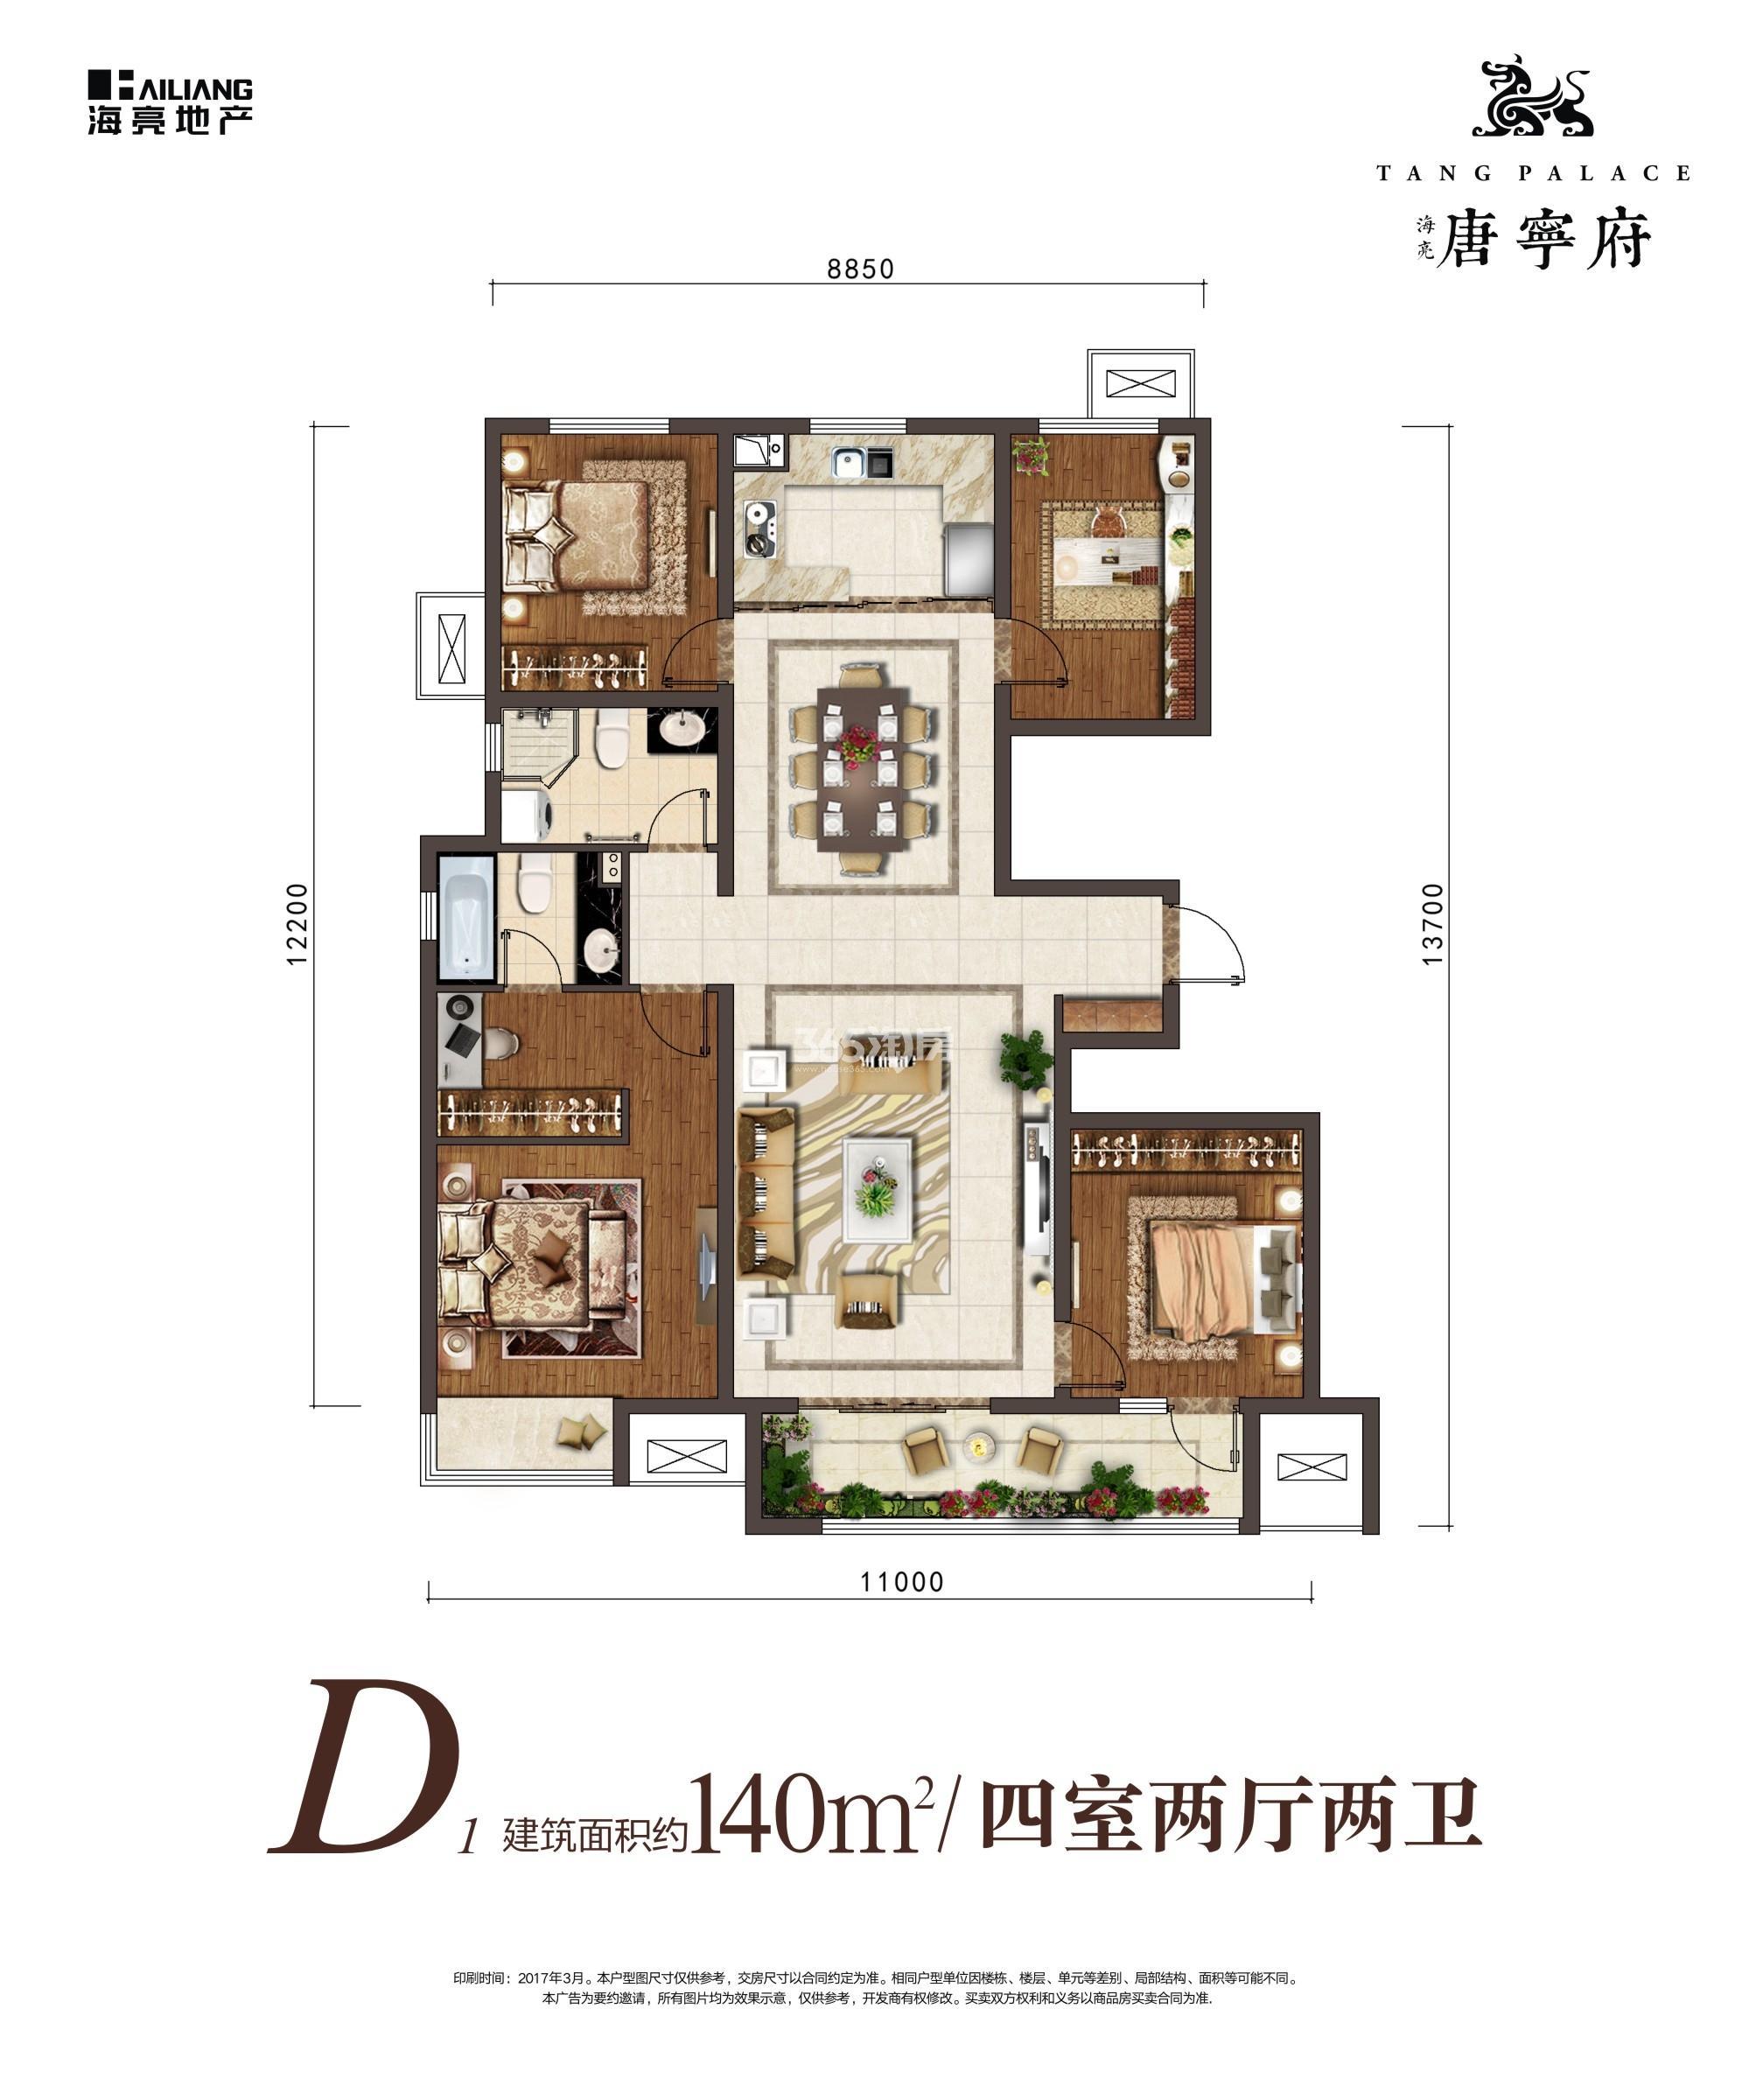 海亮唐寧府D户型四室两厅一厨两卫140平米